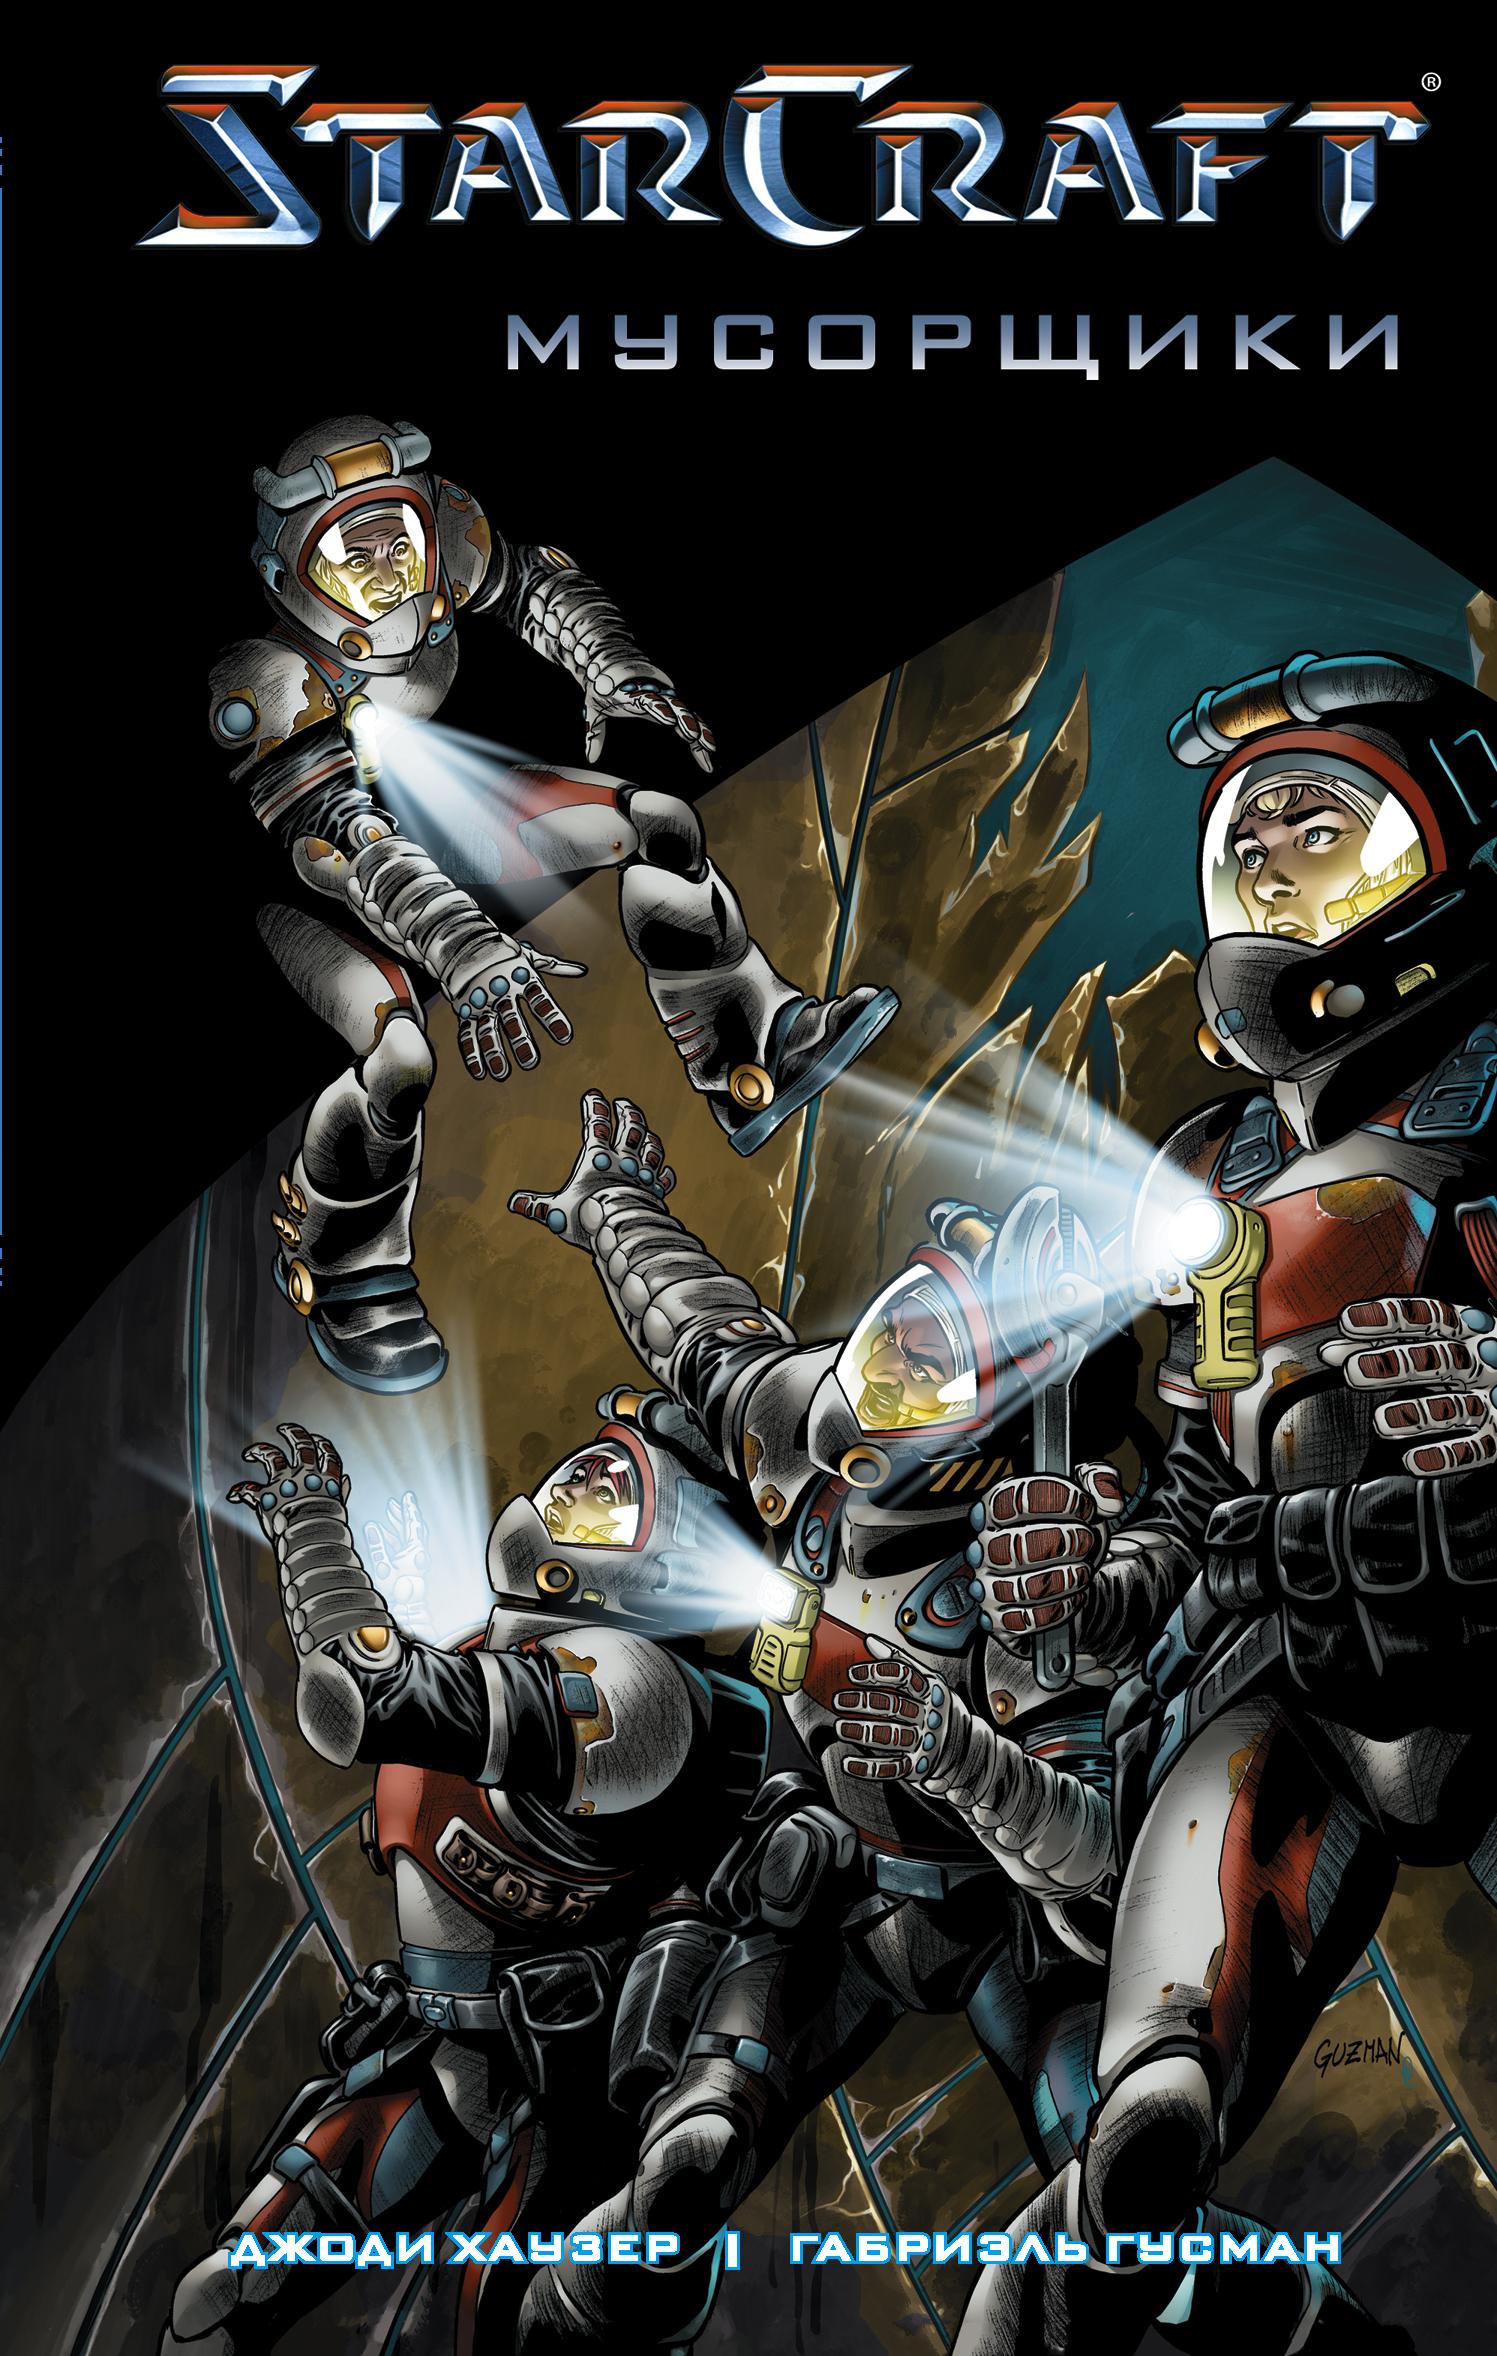 StarCraft: Musorschiki: Graficheskij roman